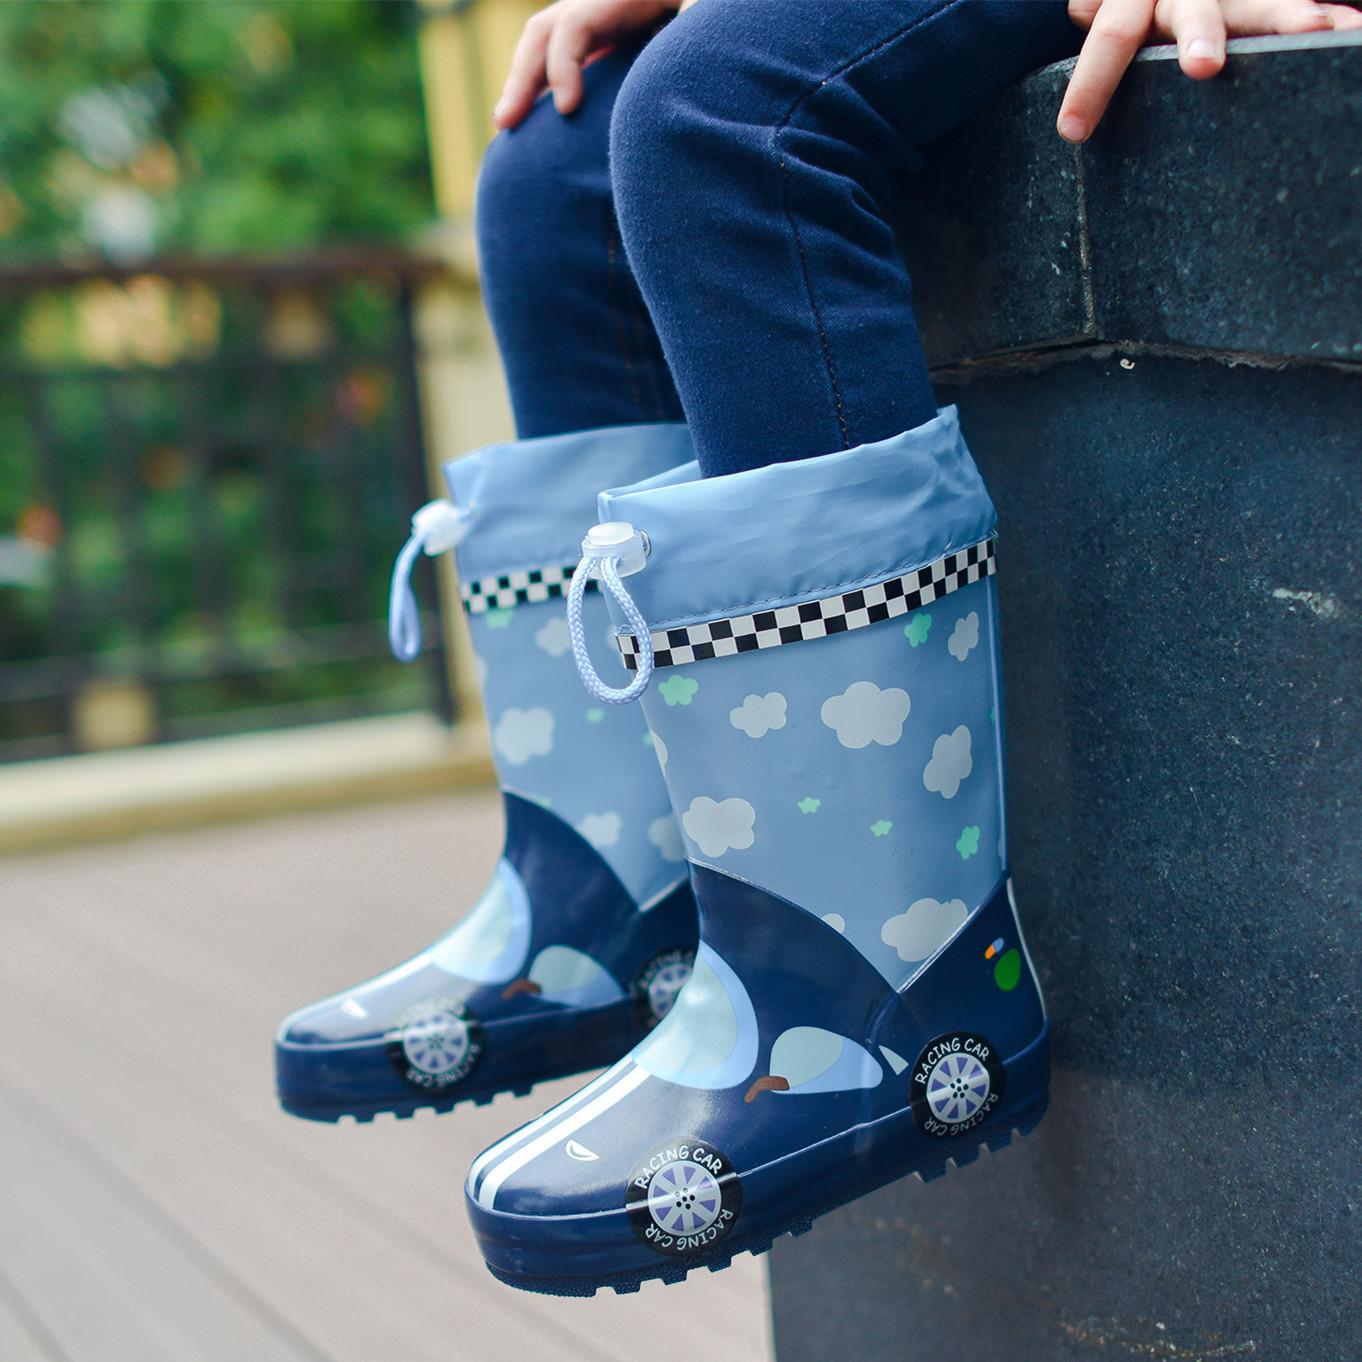 Детские Ботинки дождя на мальчика Резиновая обувь нескользящие Детские сапоги детей Чжунда детские Женские водные ботинки, дети, студенты, дети, четыре сезона, универсальные